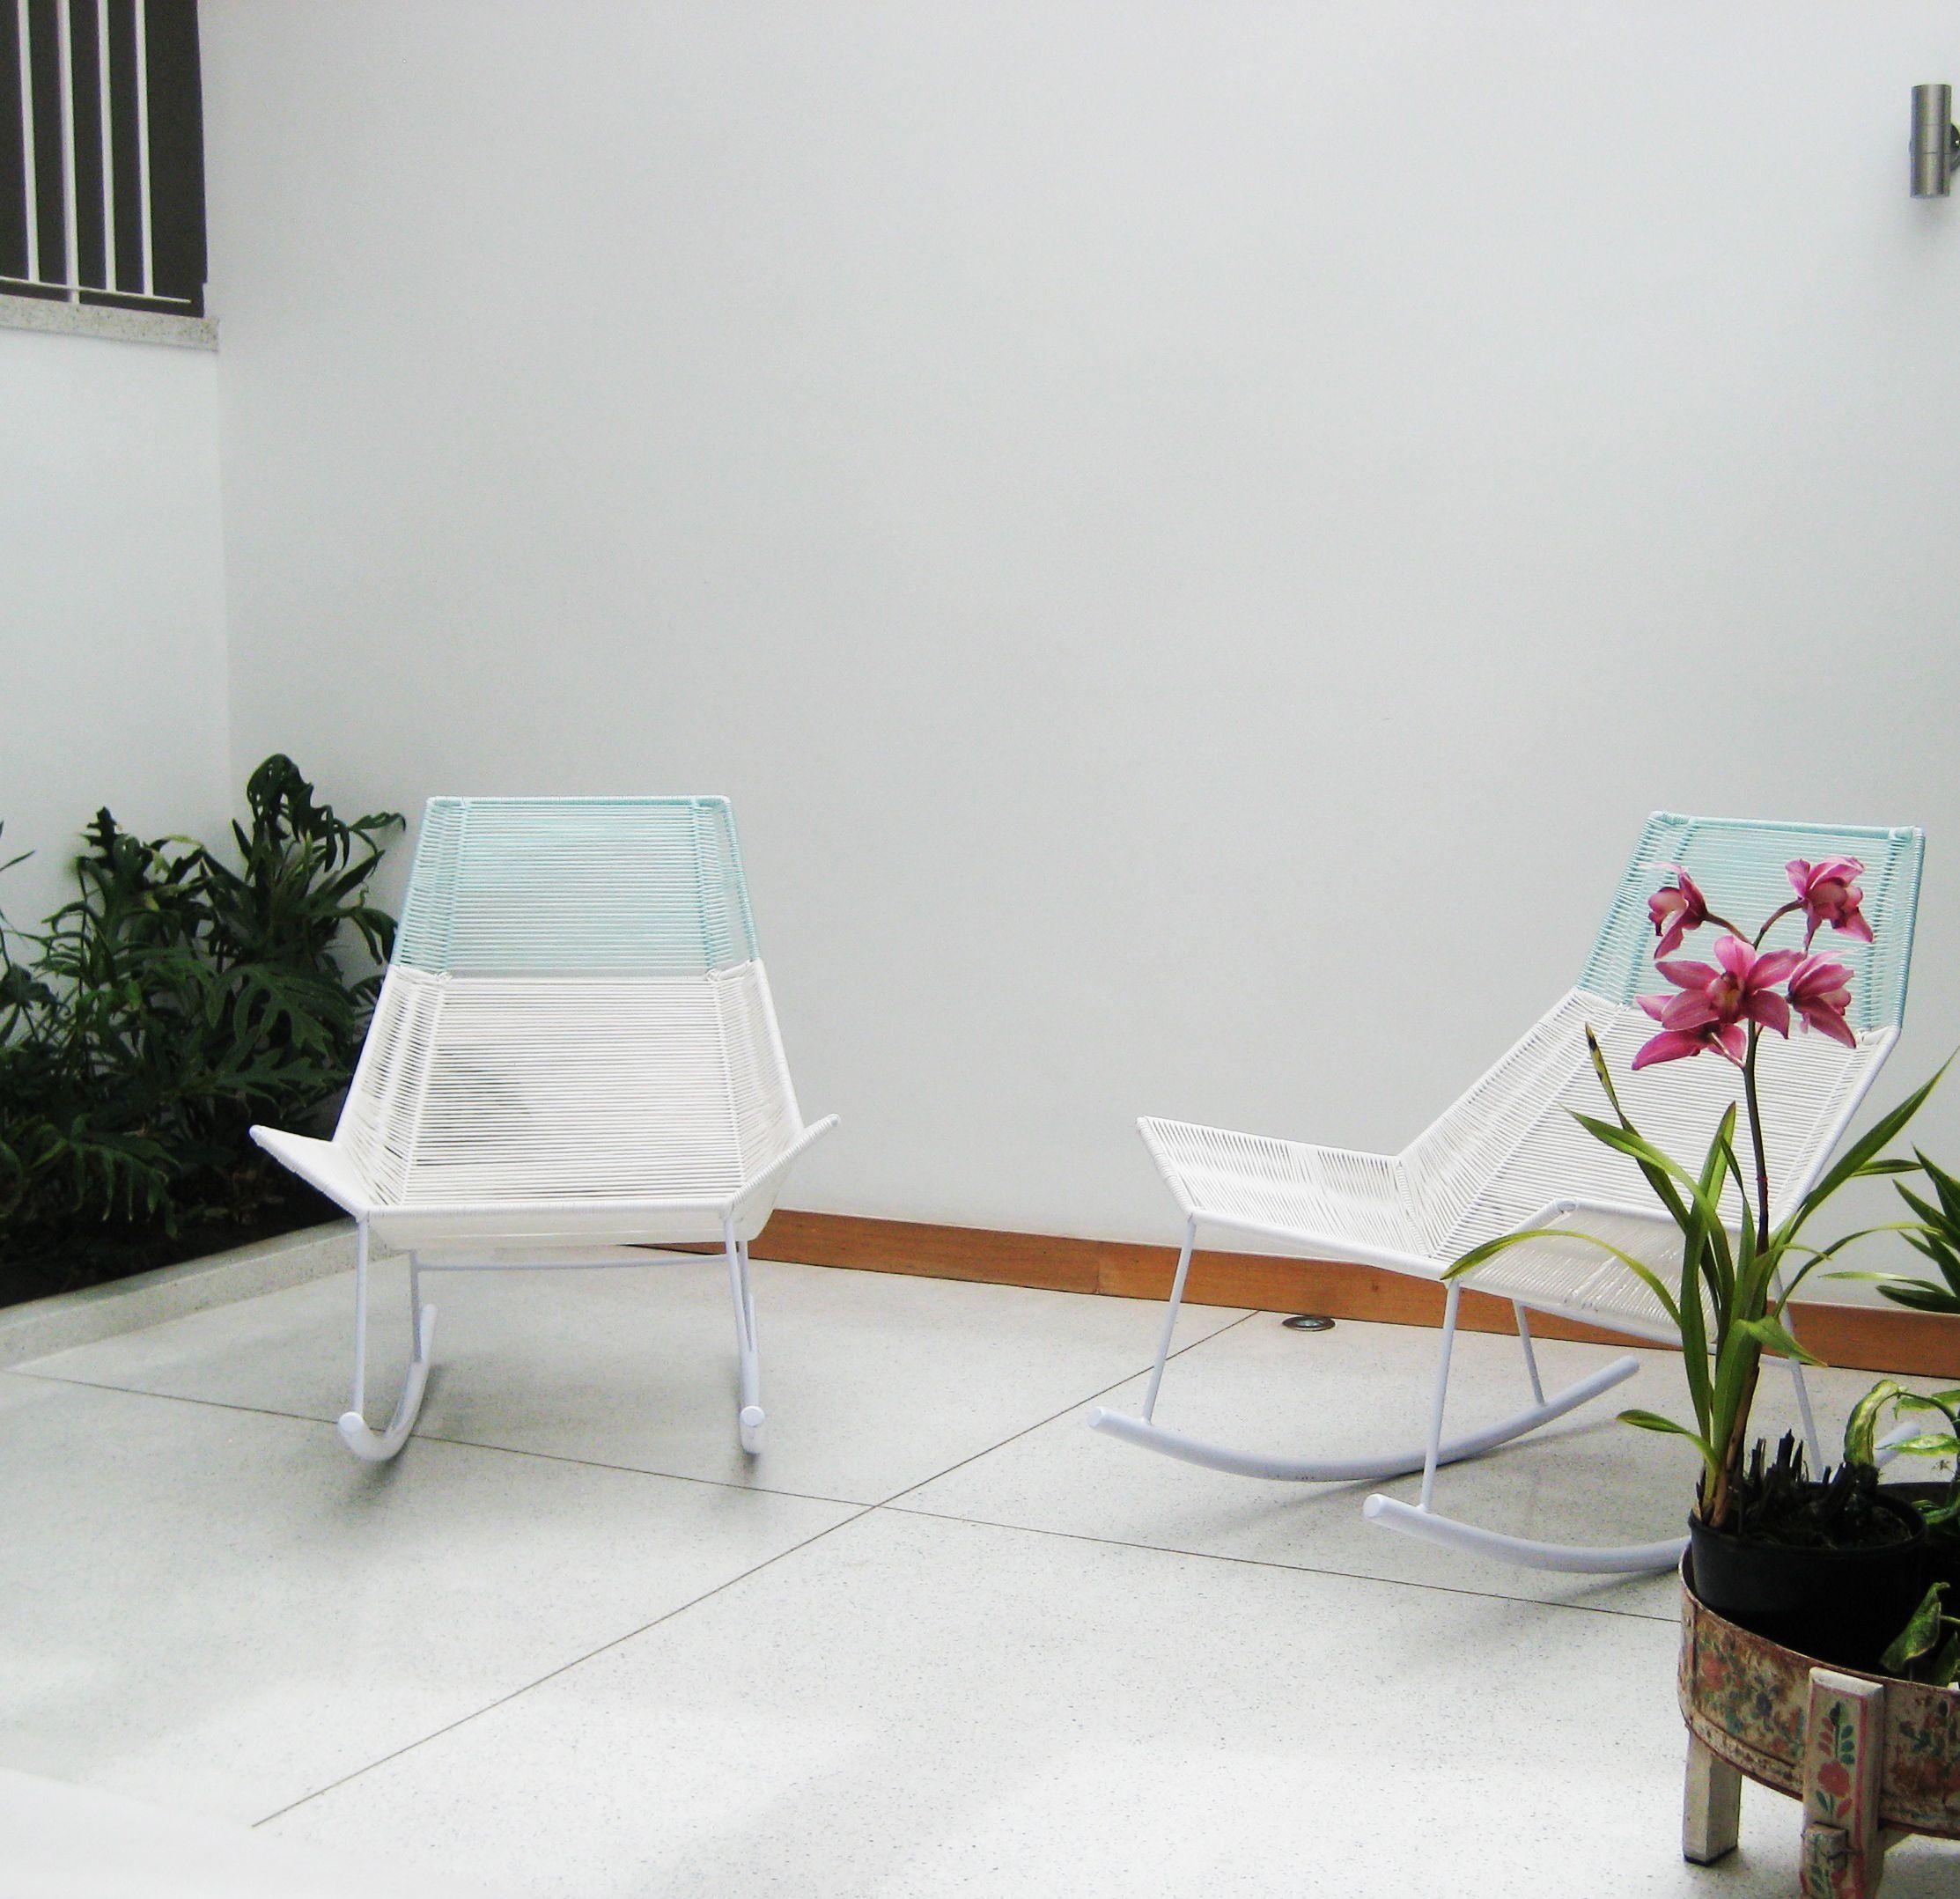 Coste A Rocking Chair Zientte By Sergio Vergara Furniture  # Muebles Zientte